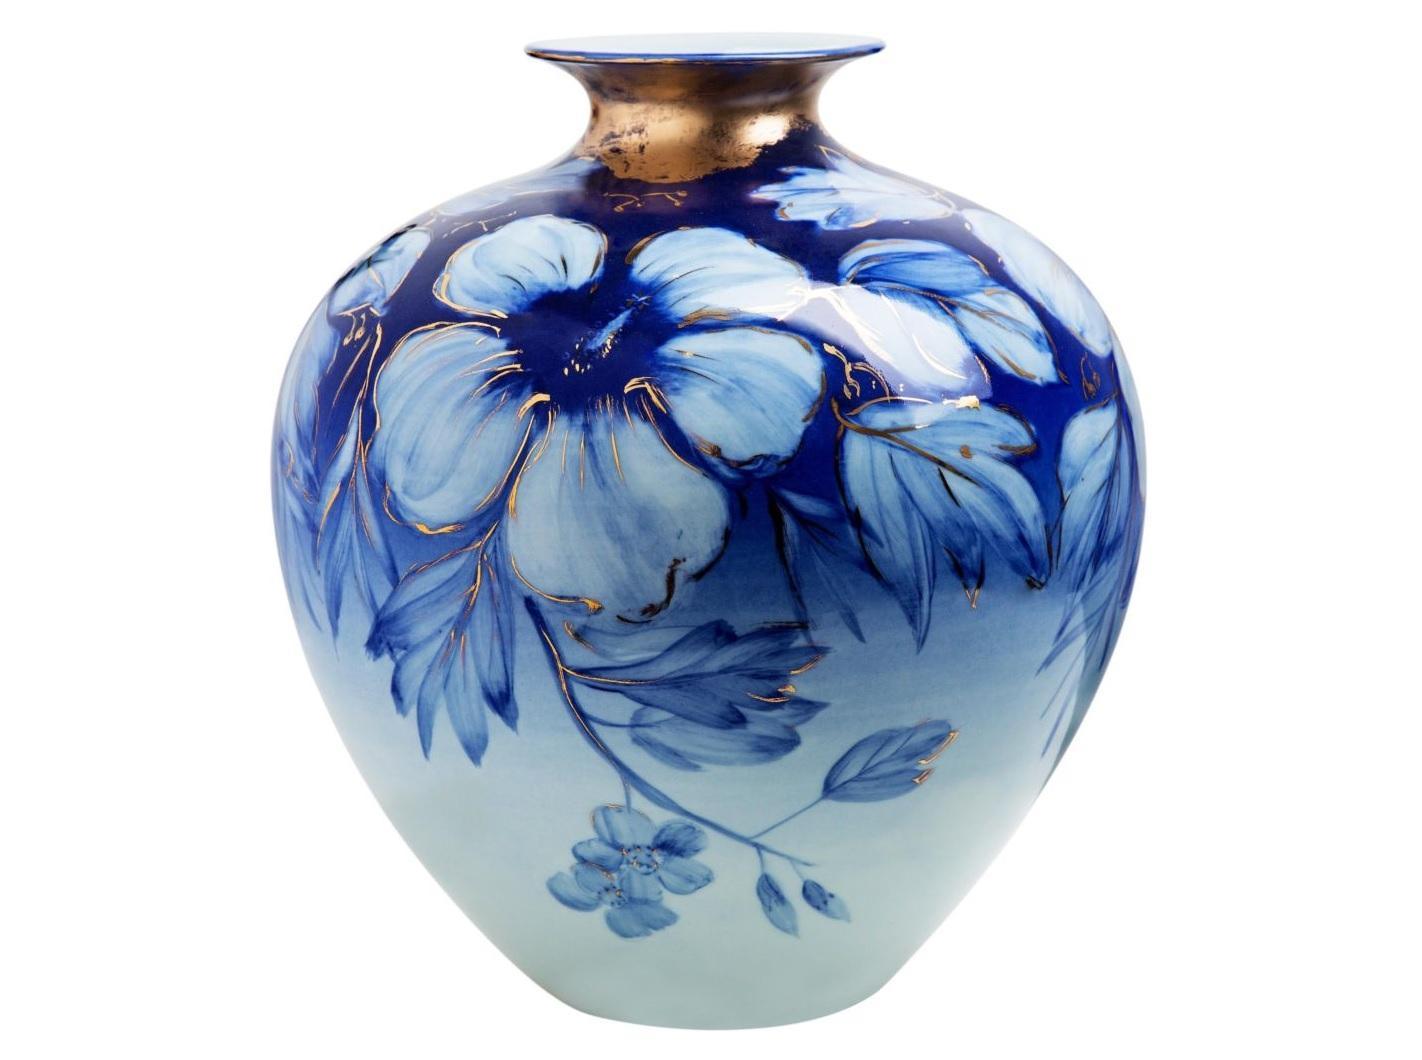 Ваза настольная Bloom wideВазы<br><br><br>Material: Керамика<br>Высота см: 37